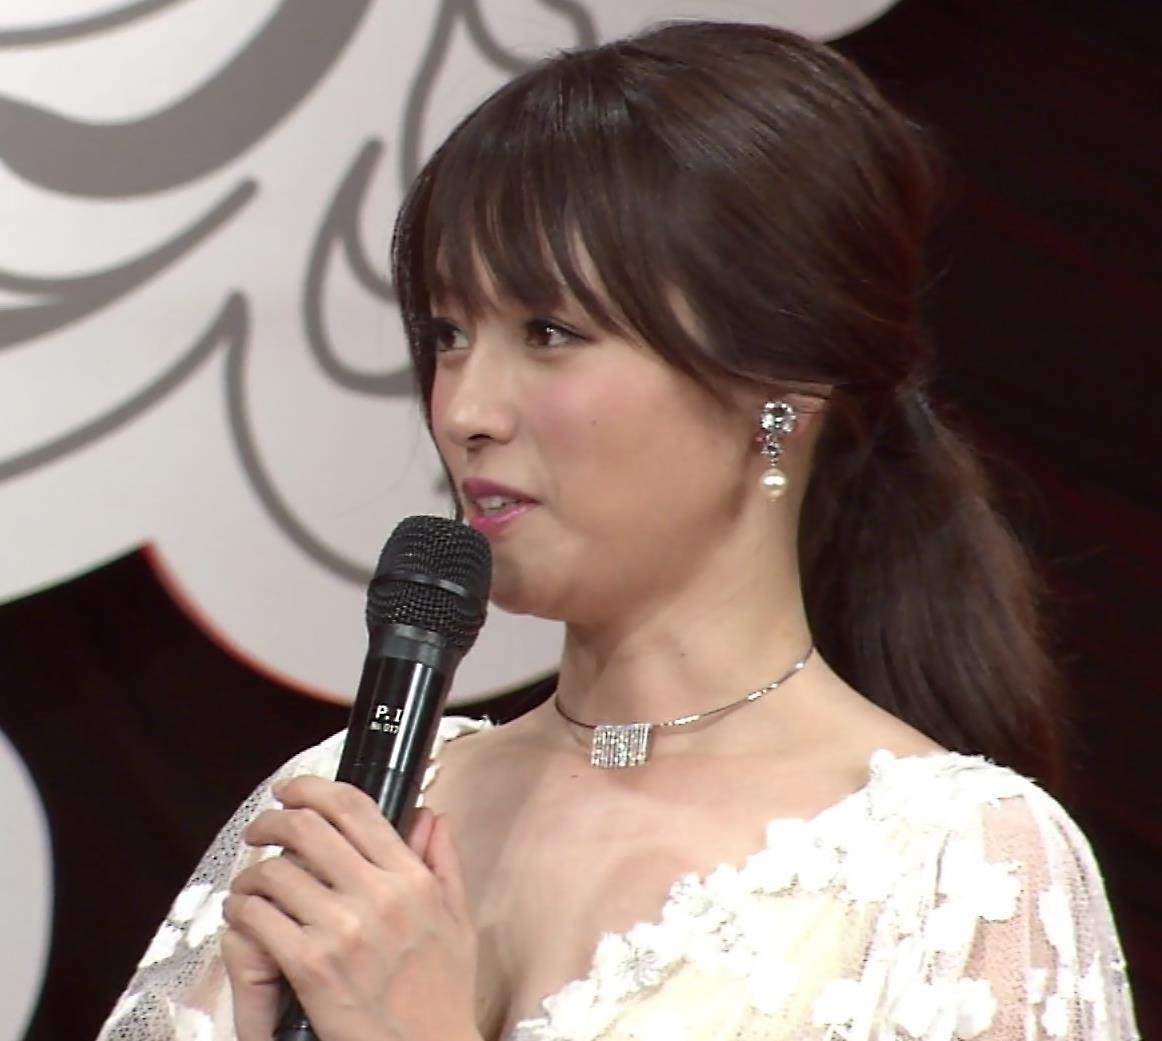 深田恭子 胸の谷間見キャプ画像2